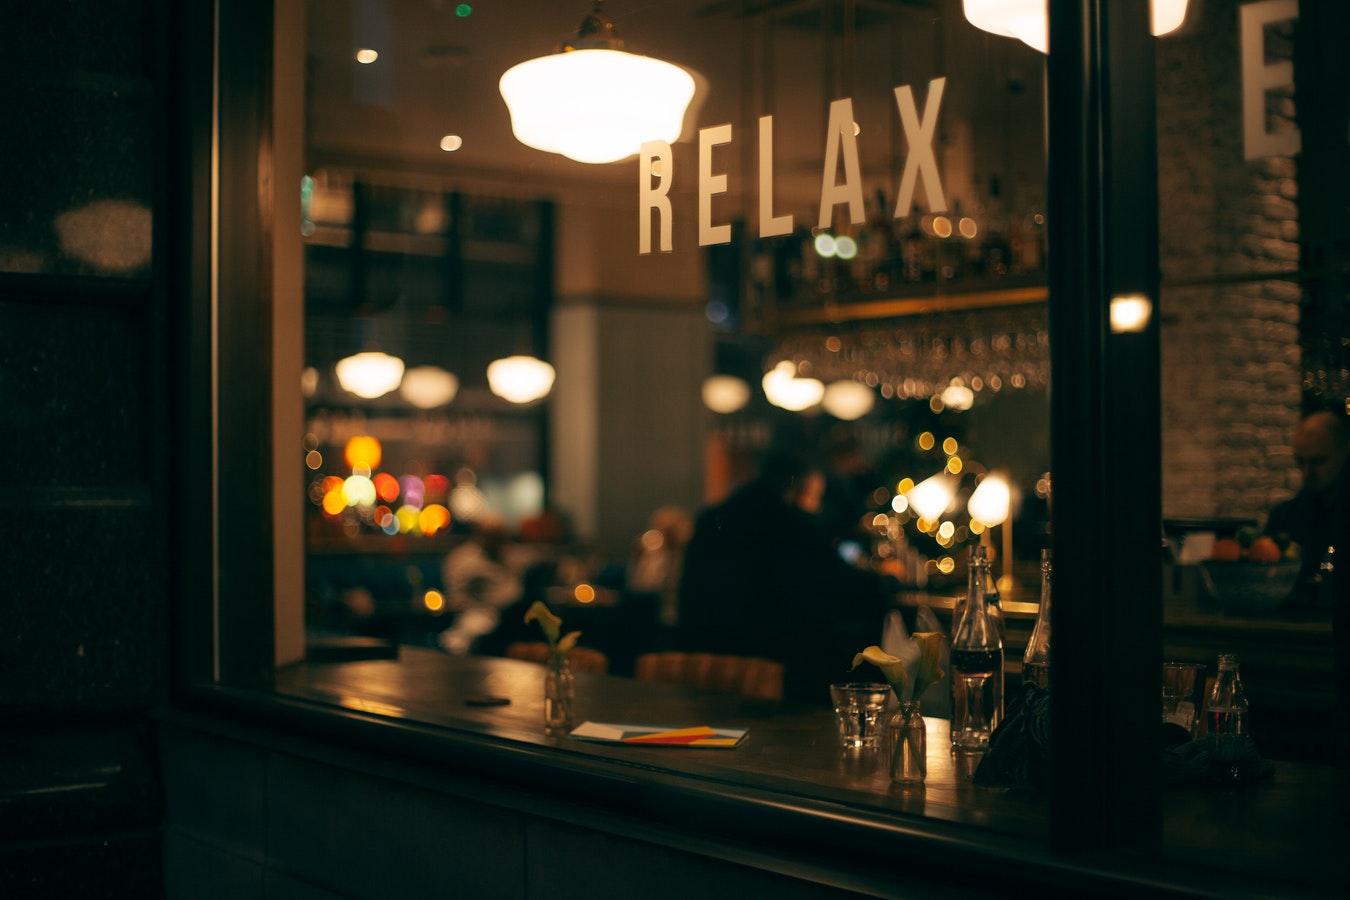 imagem de um bar com a mensagem relax - rotina de estudos